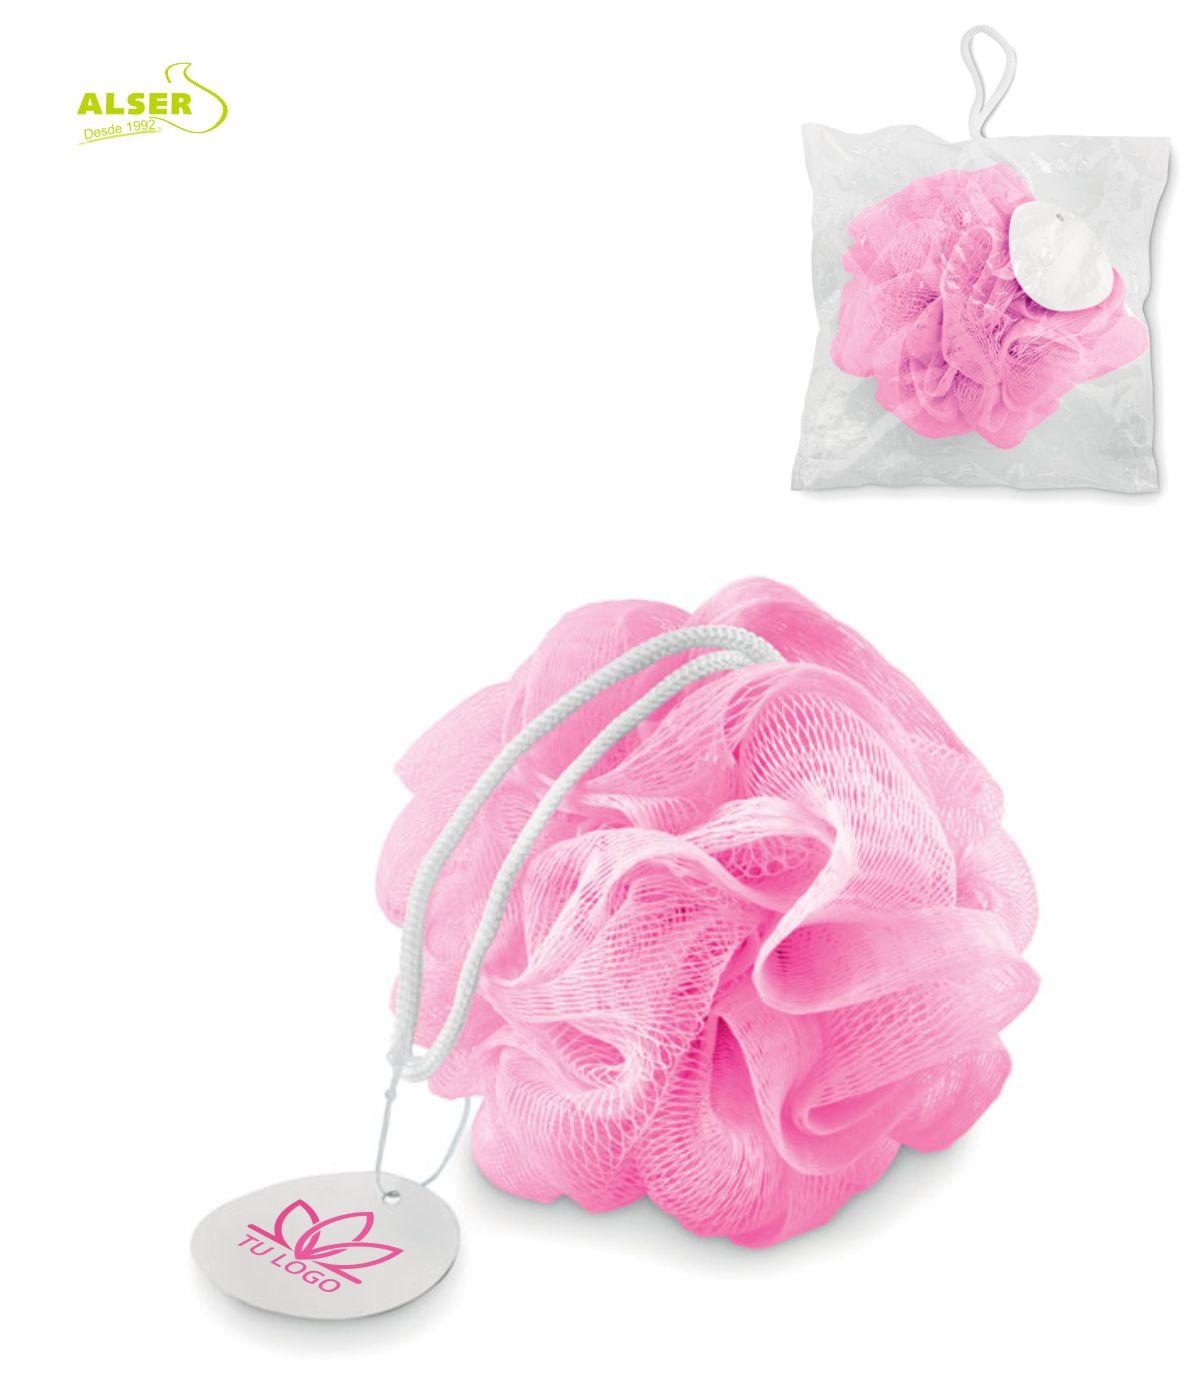 Esponja ducha personalizada para promociones de empresa Rosa